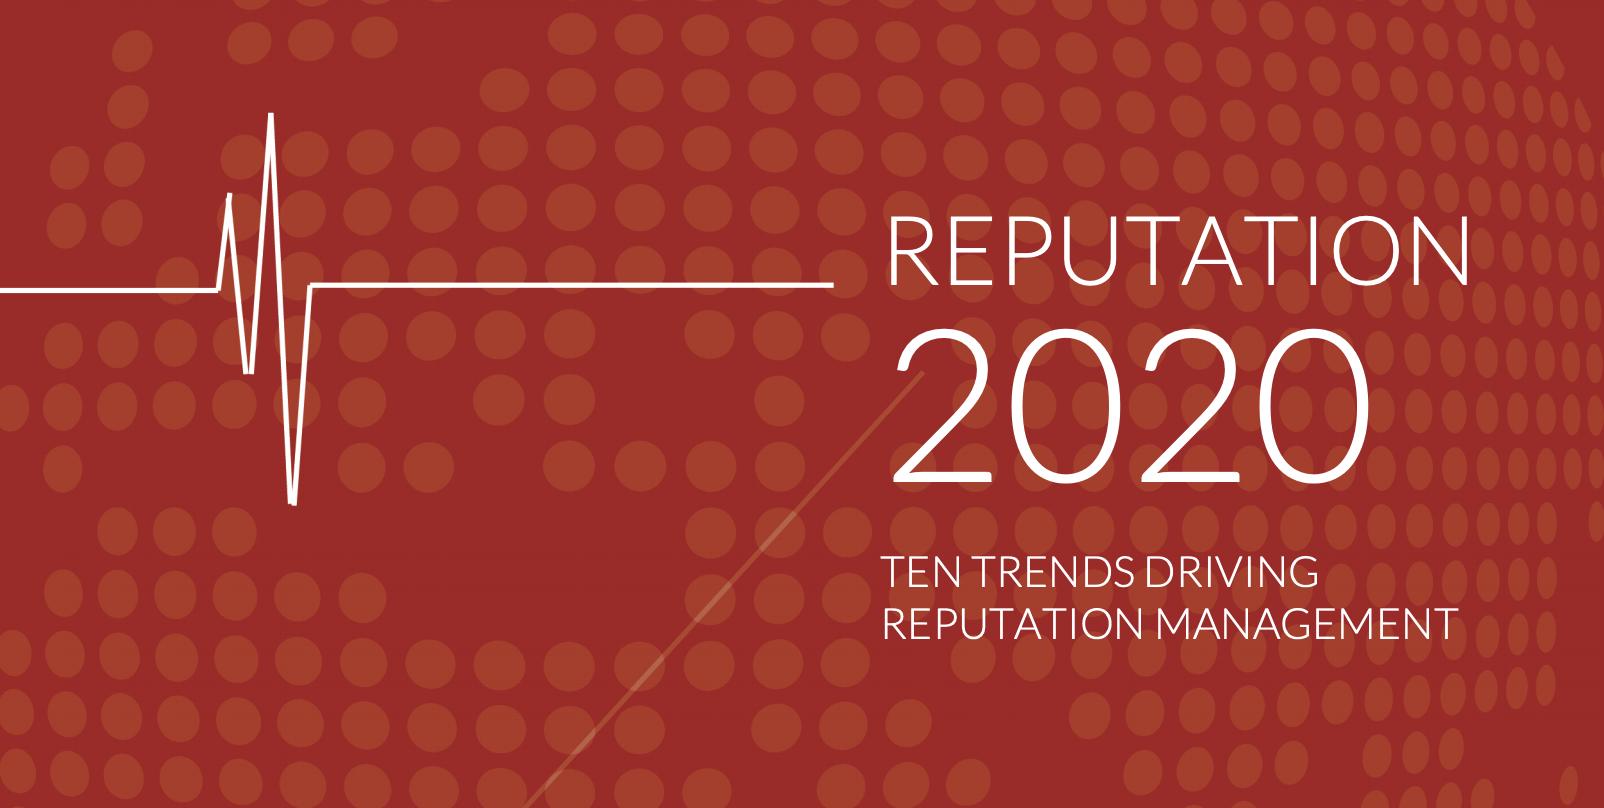 Tendencias en la reputacion para el 2020